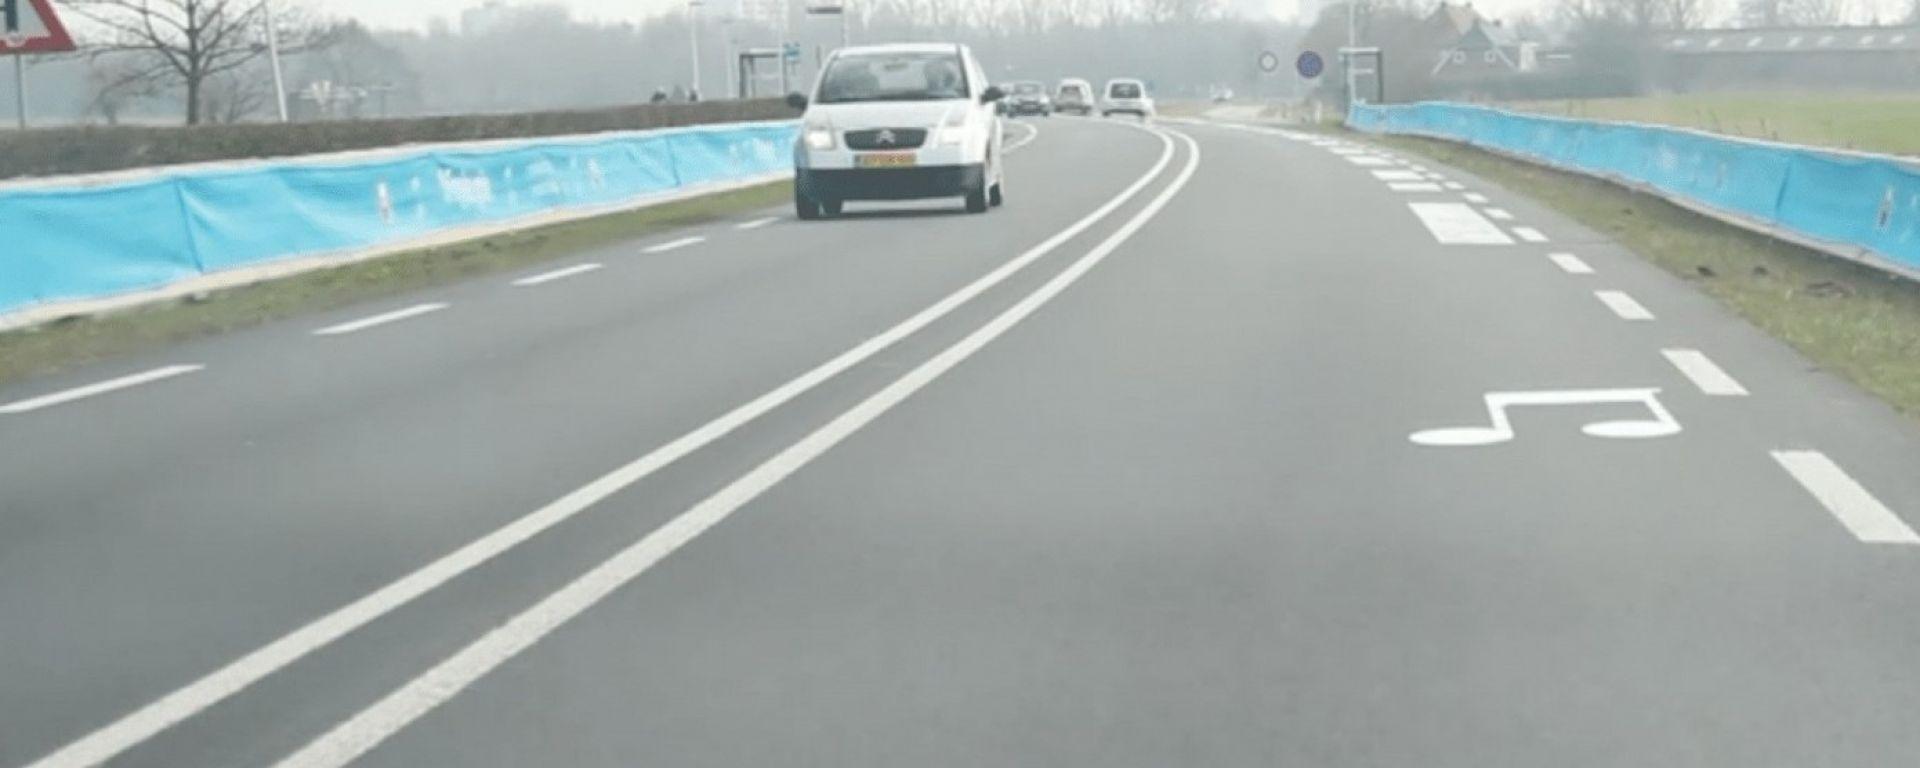 La strada musicale nei pressi di Jelsum, in Olanda